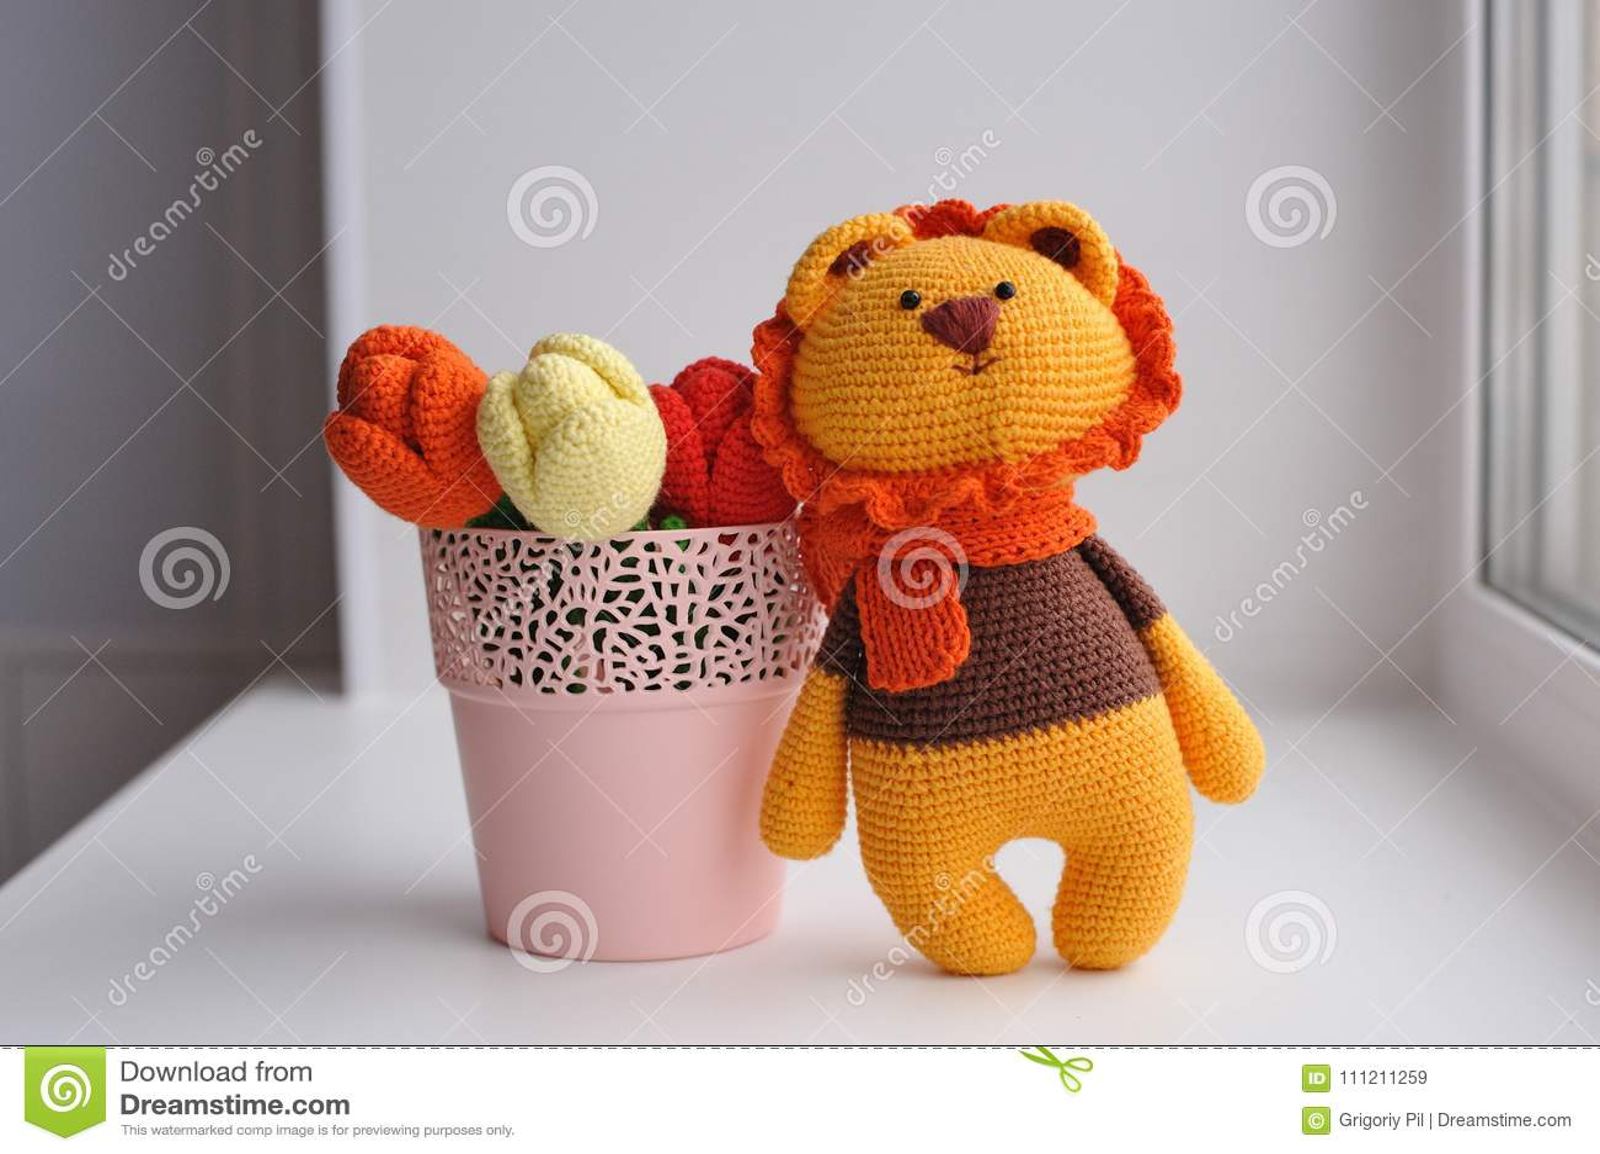 Free Knitted Amigurumi : Free free peach knitting pattern patterns ⋆ knitting bee free